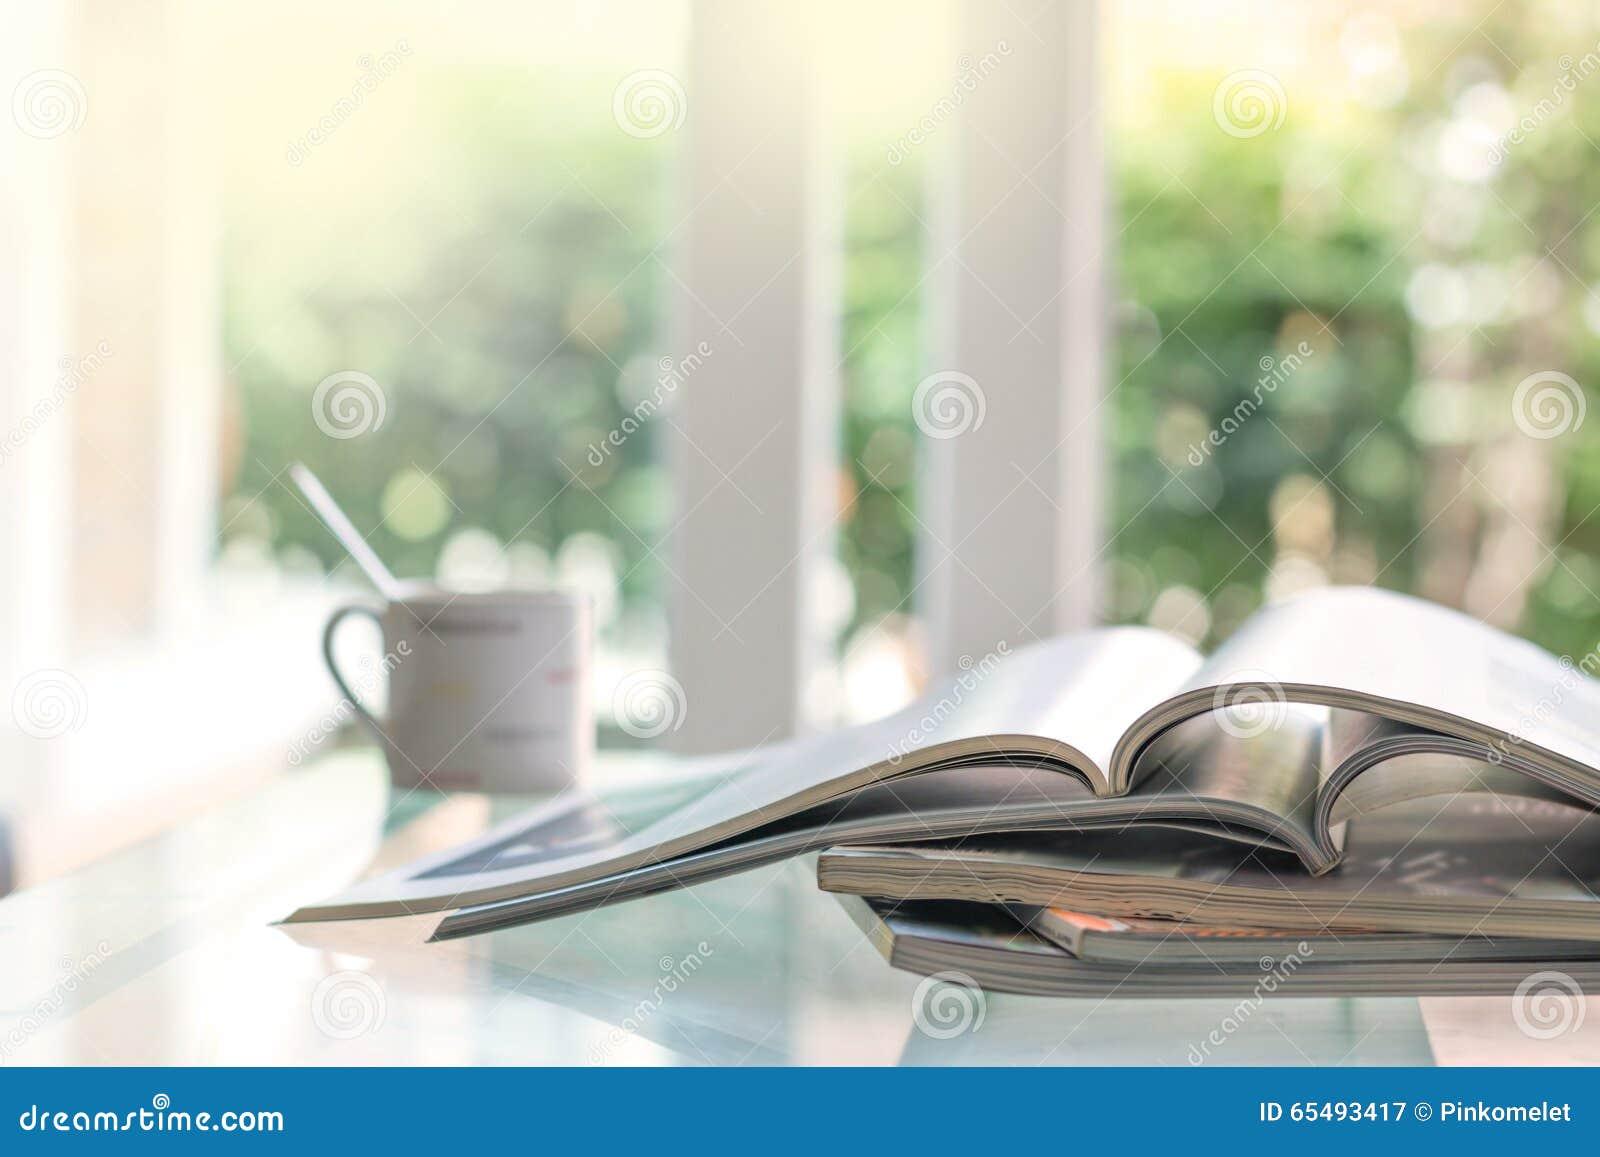 Selectieve nadruk van het stapelen van tijdschriftplaats op lijst in het leven ro